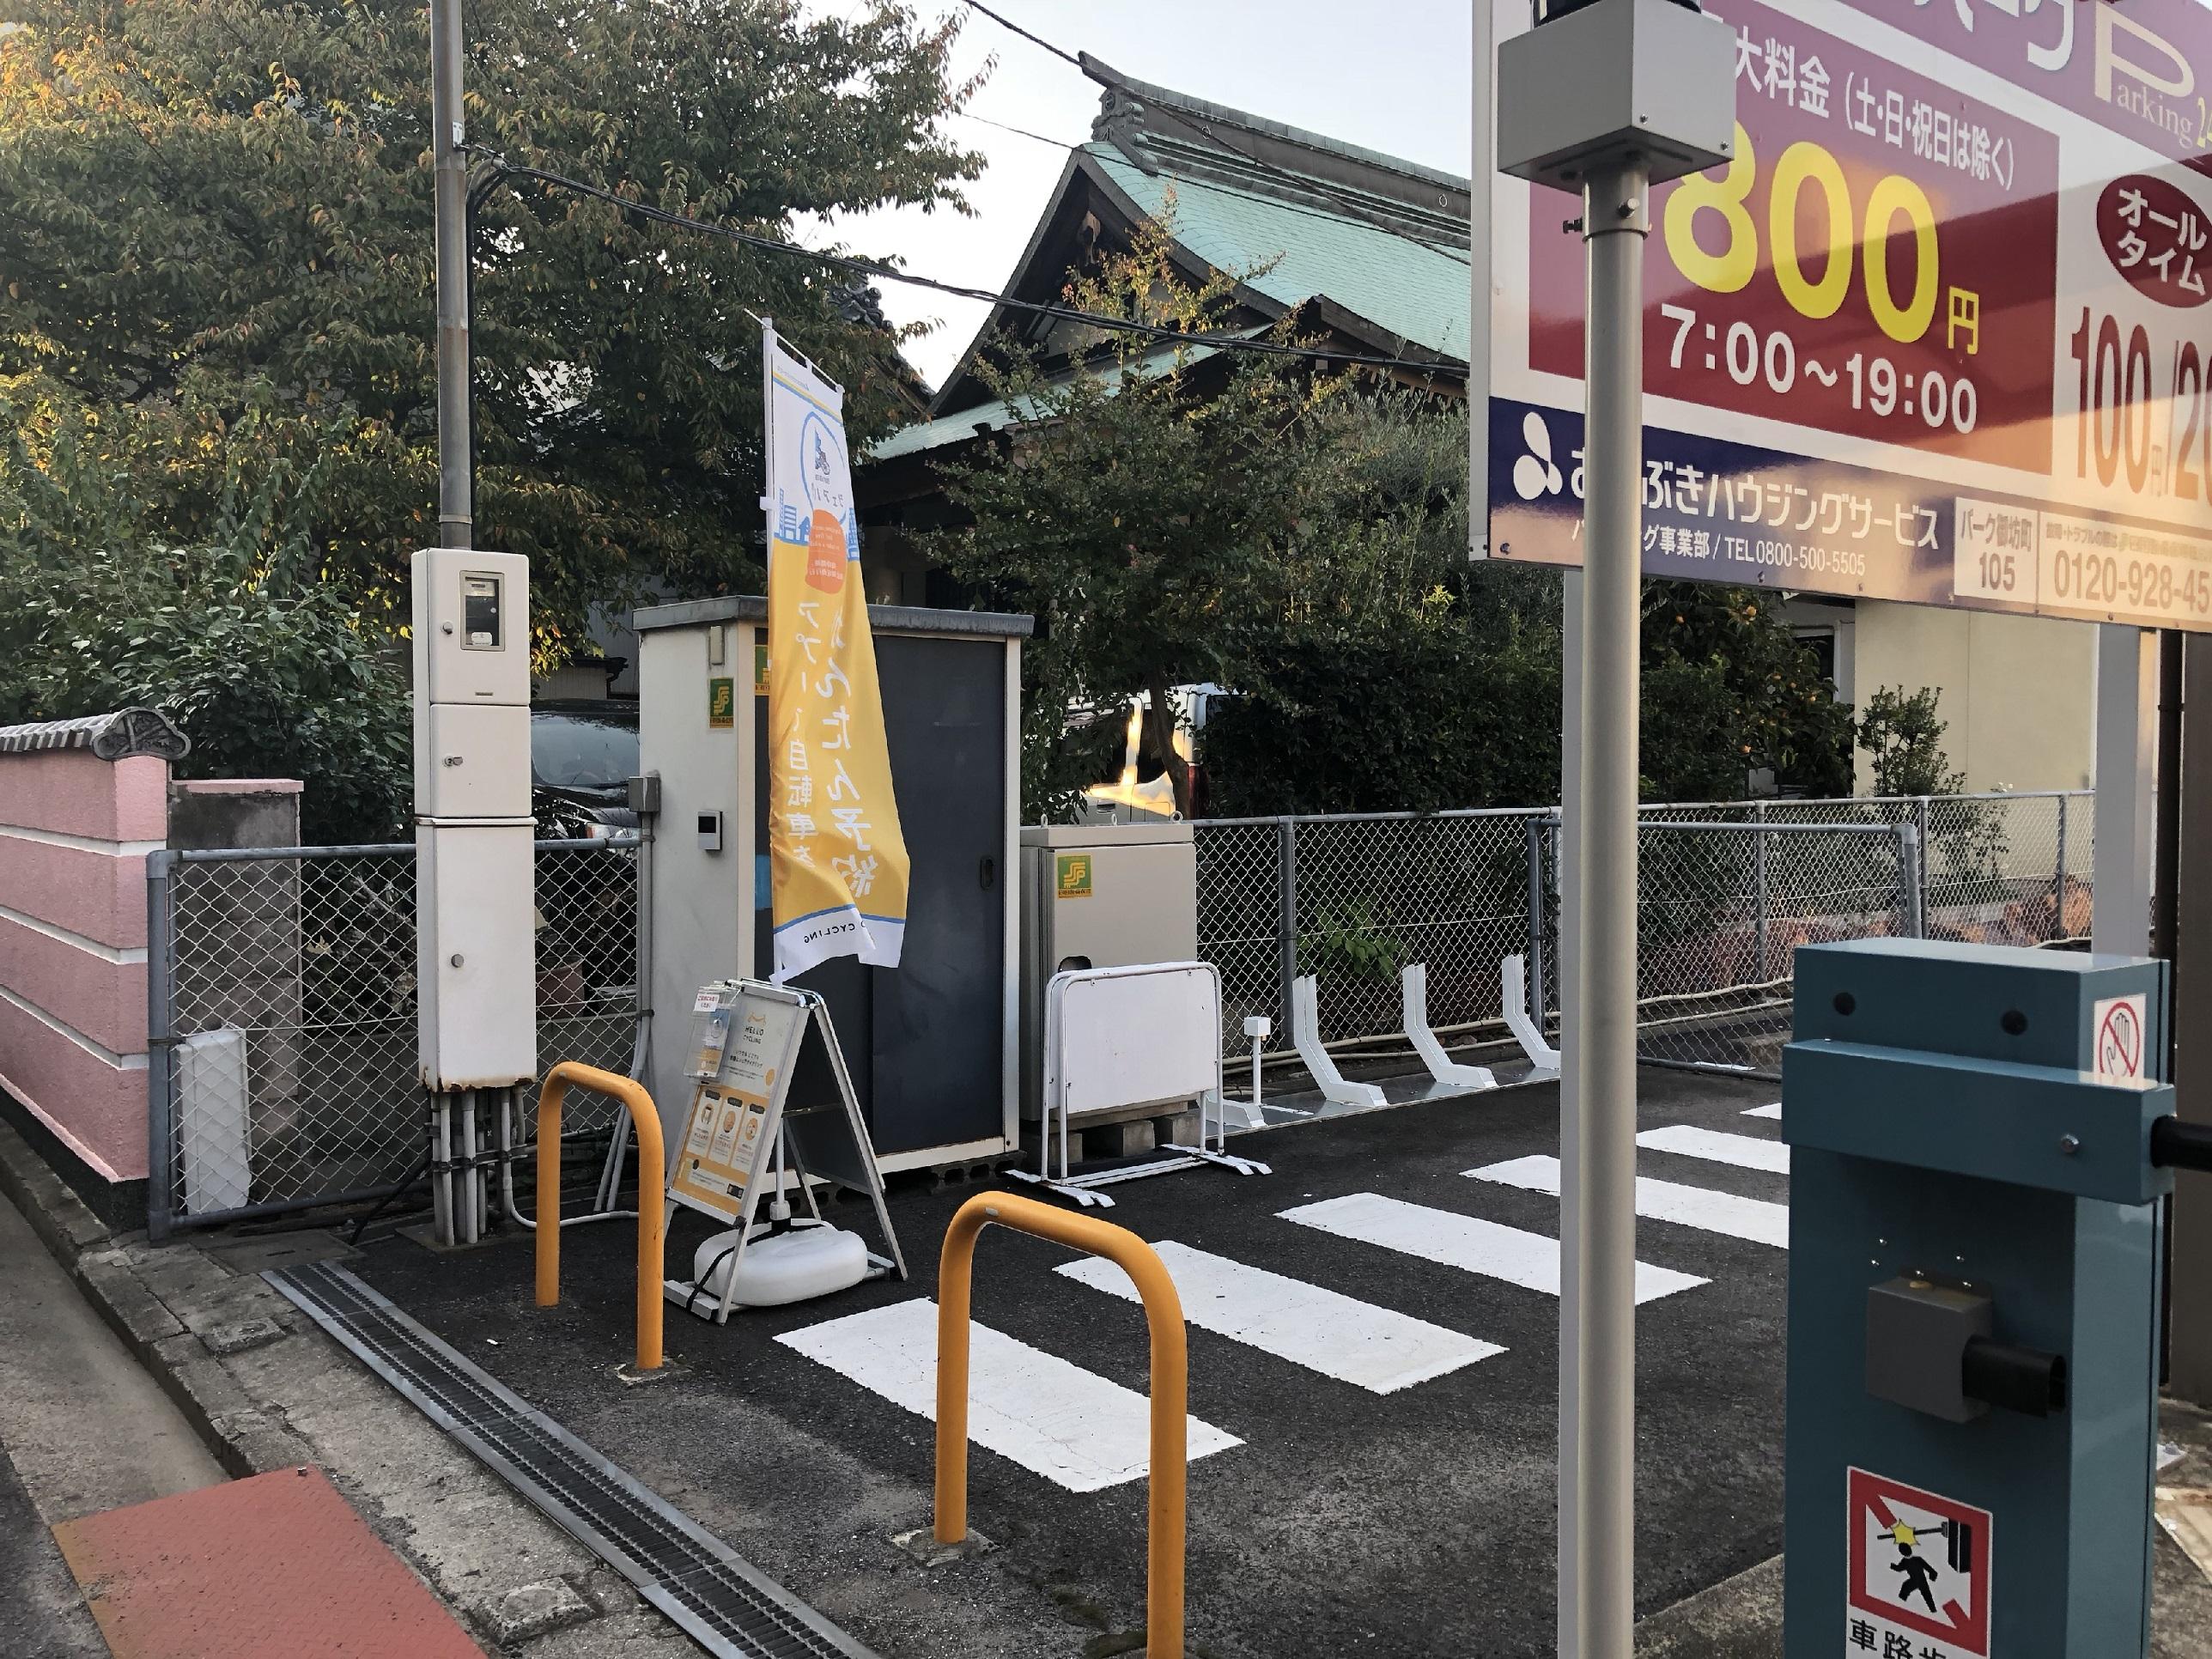 あなぶきパーク御坊町 (HELLO CYCLING ポート) image